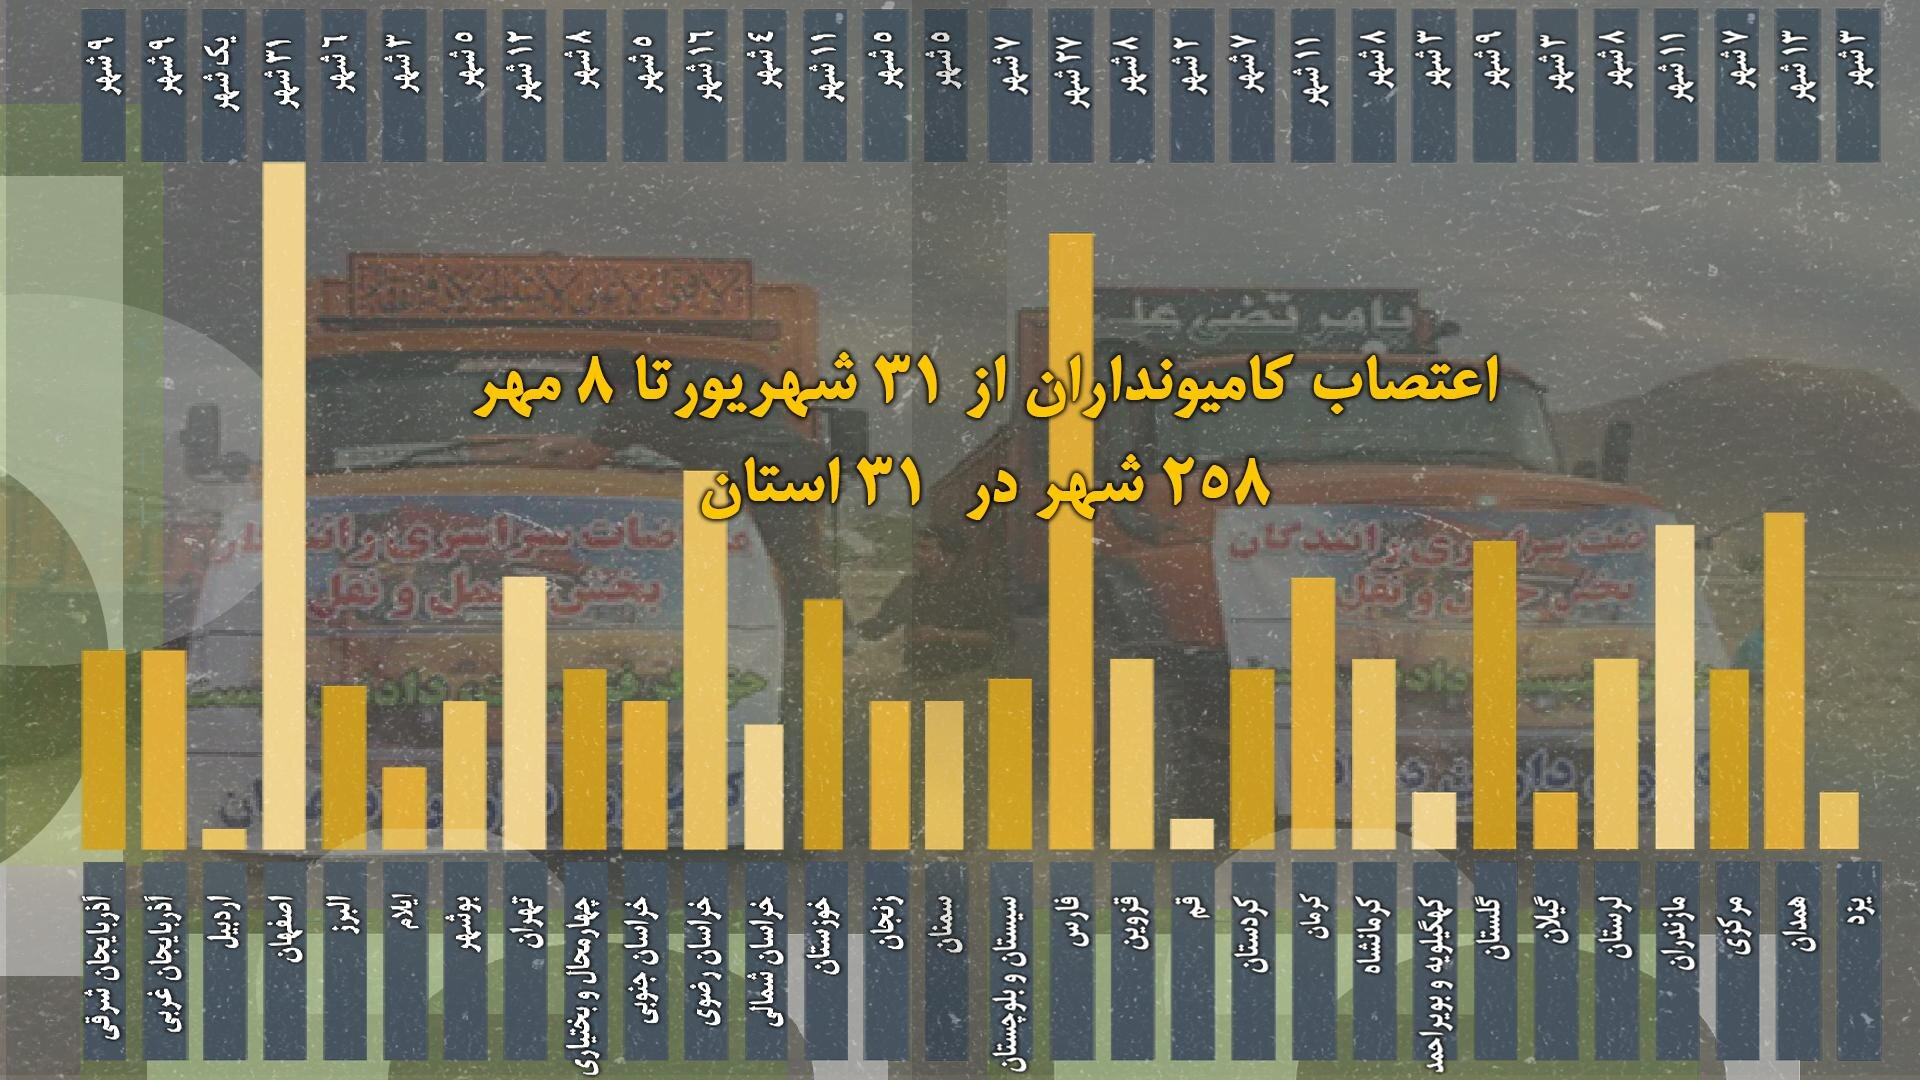 نهمین روز اعتصاب سراسری کامیونداران با گسترش به بیش از ۲۵۸ شهر